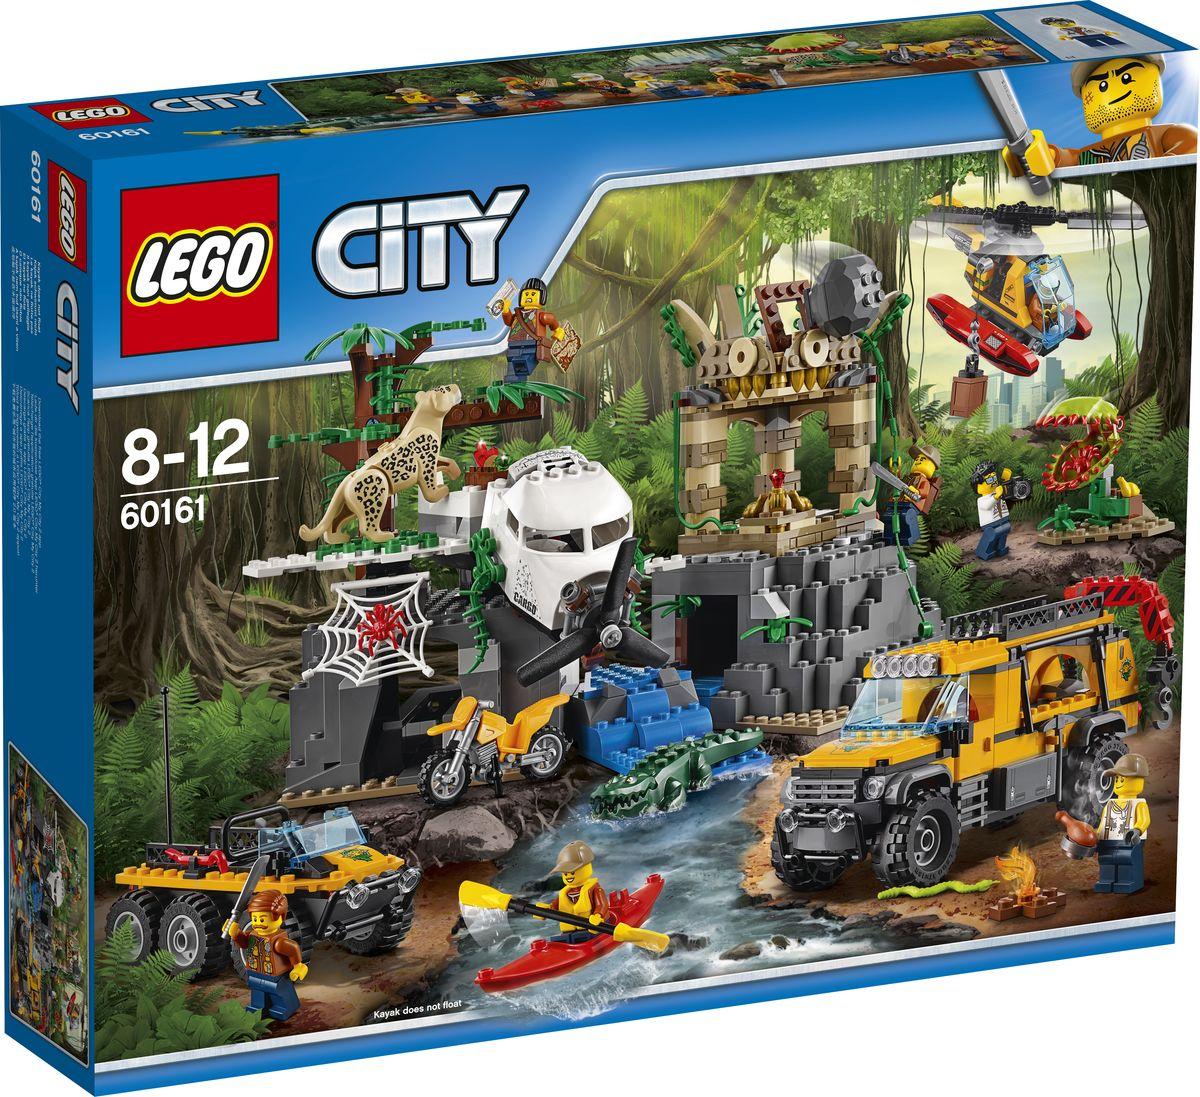 LEGO City Jungle Explorer Конструктор База исследователей джунглей 60161 конструкторы lego lego грузовой вертолёт исследователей джунглей city jungle explorer 60158